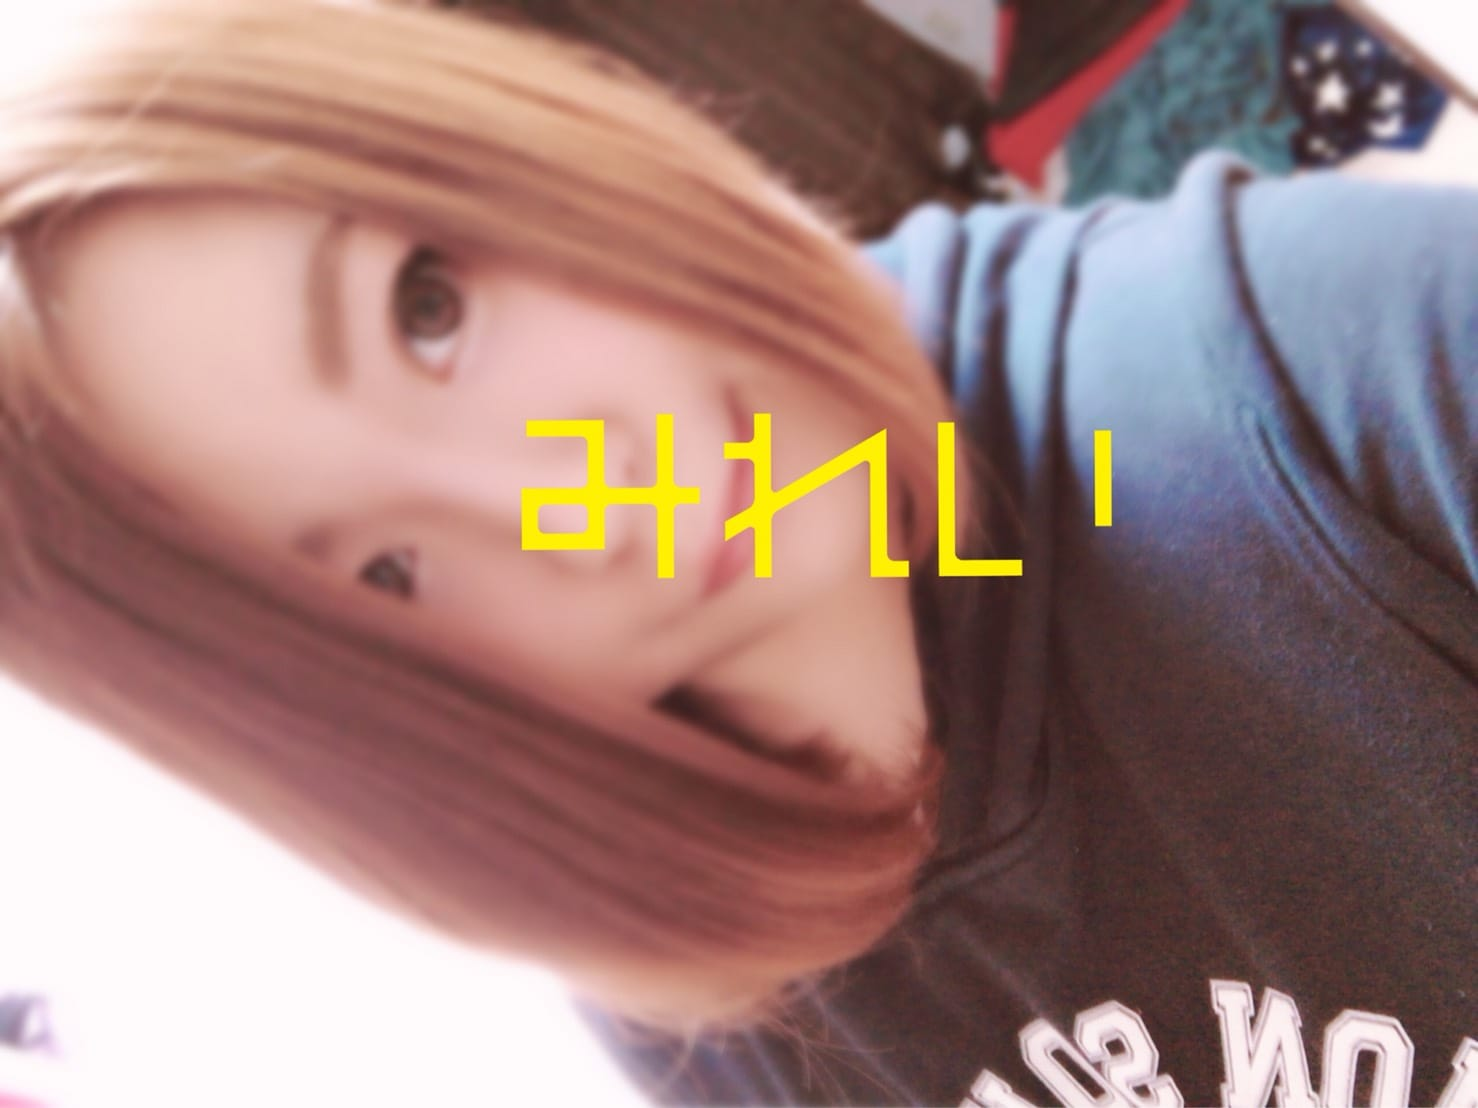 「出勤\( 'ω' )/」02/09(02/09) 11:13 | みれいの写メ・風俗動画